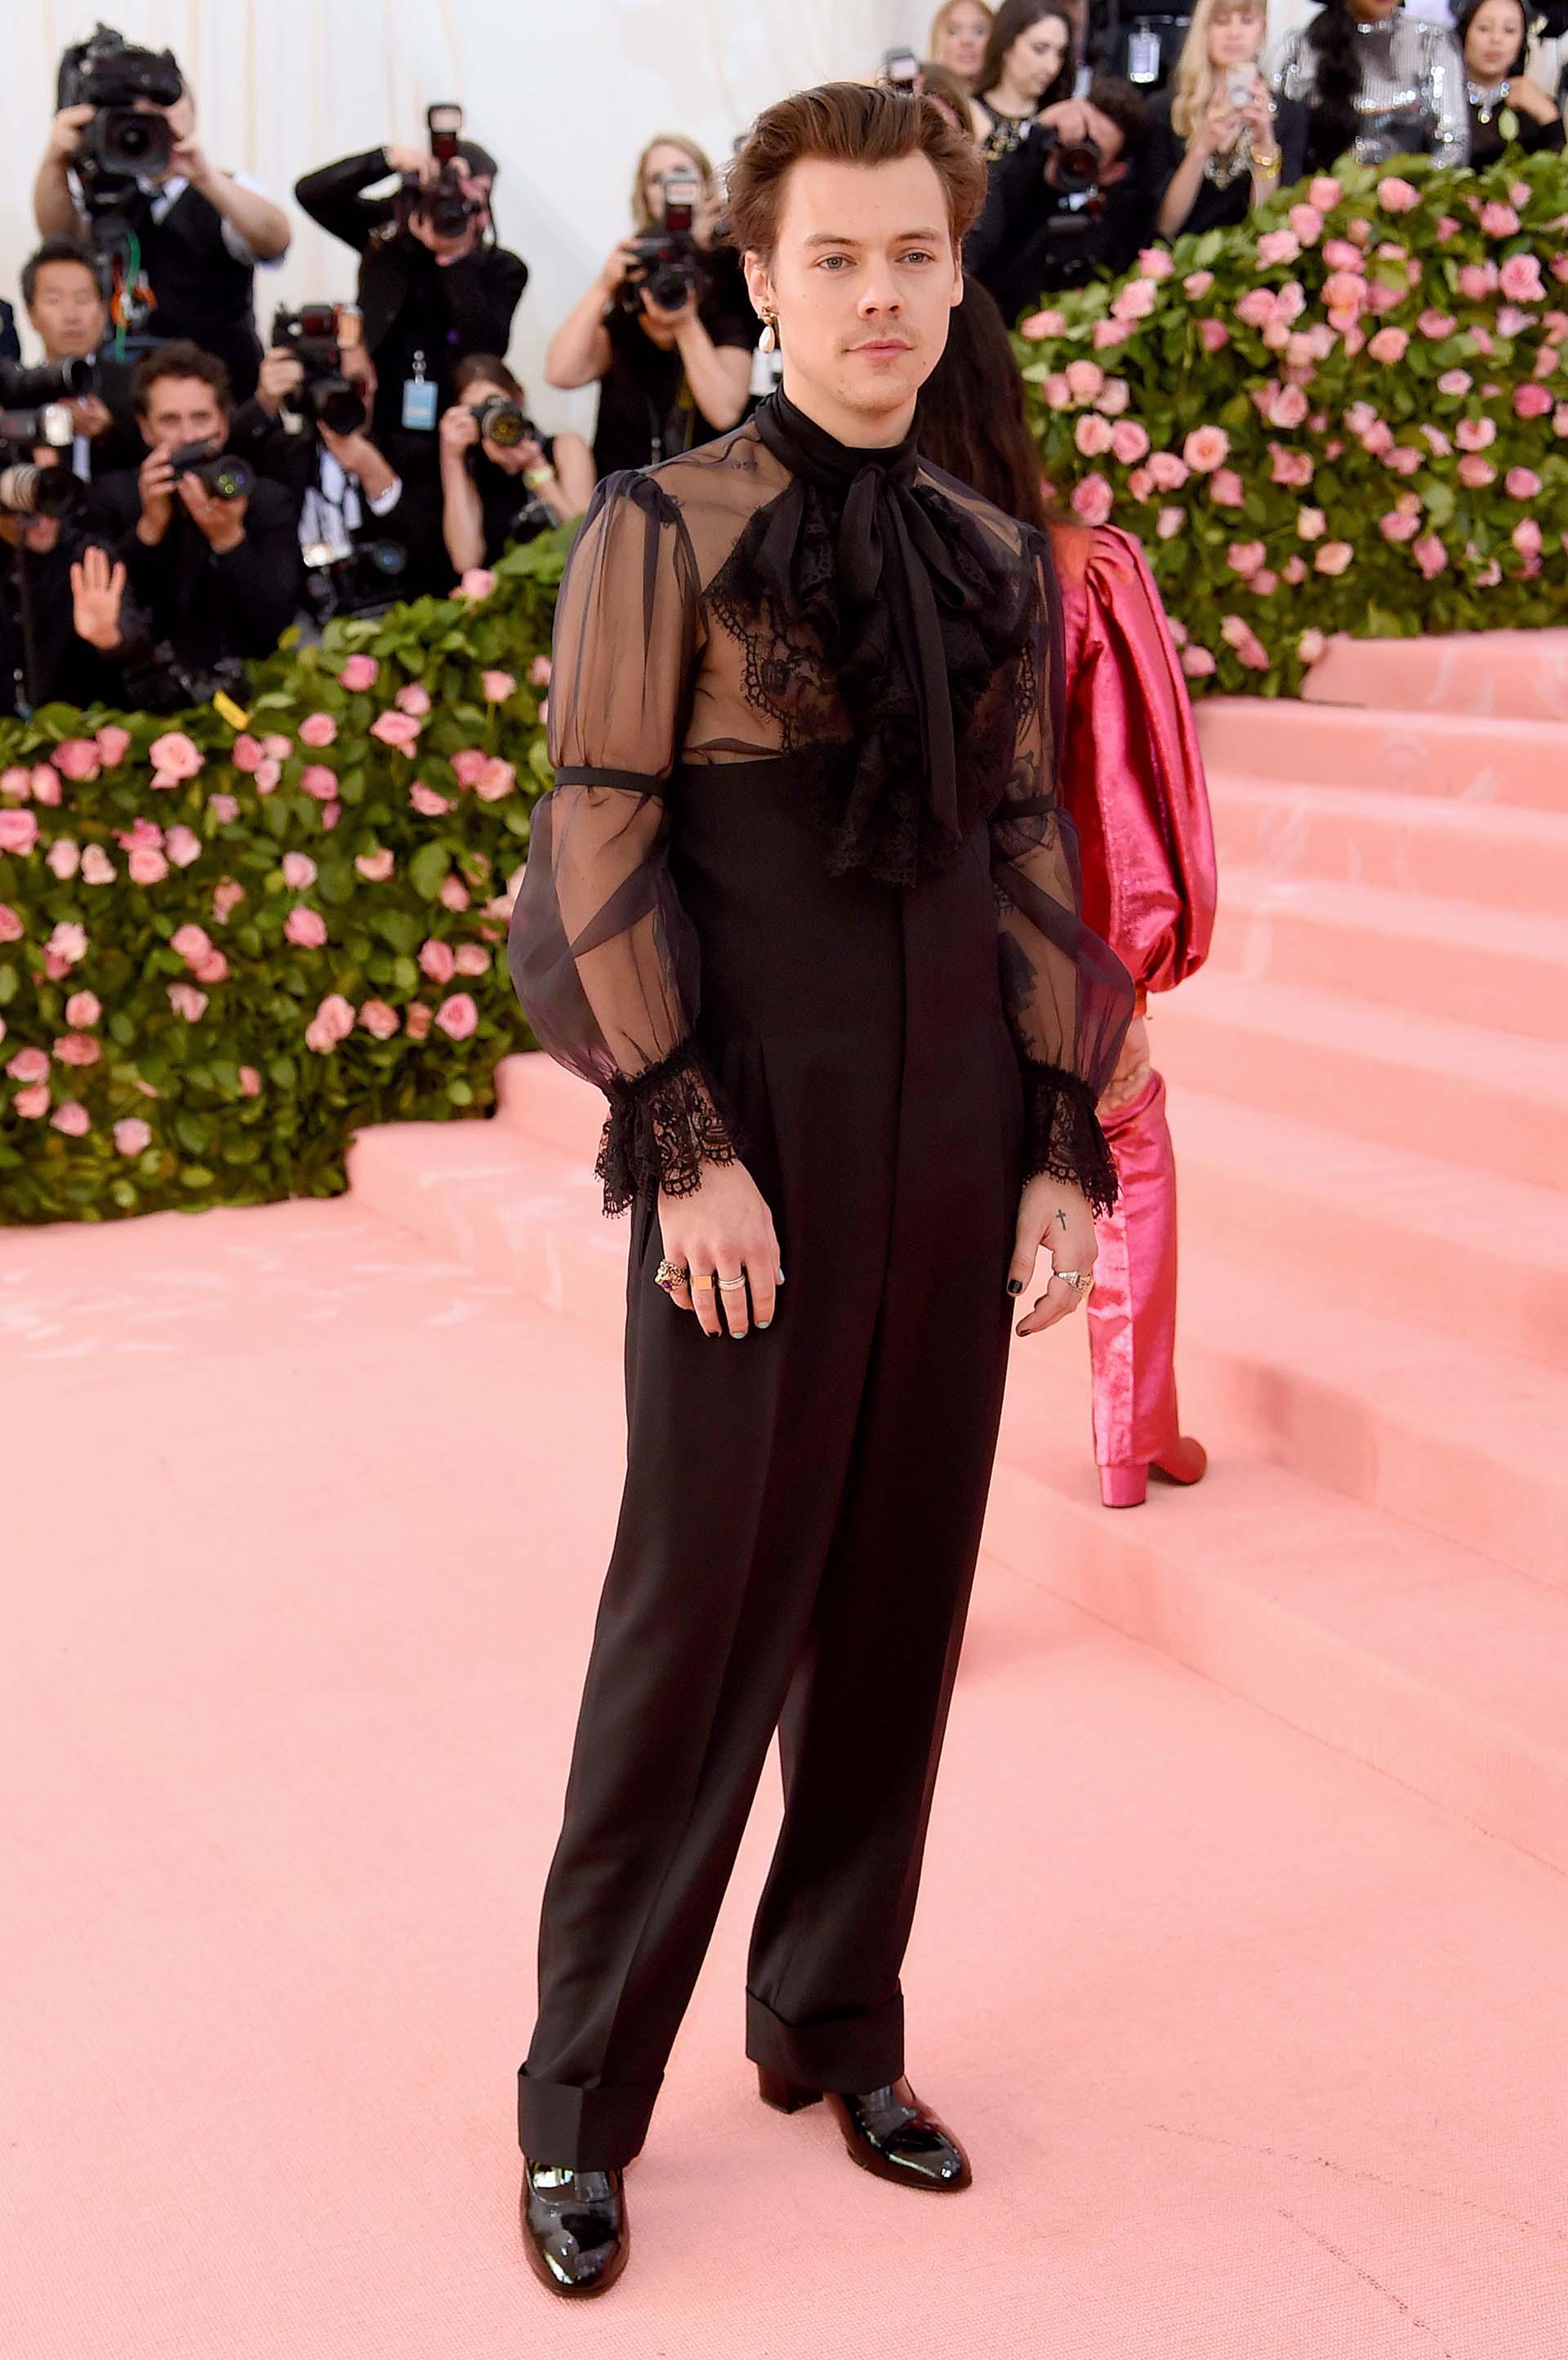 Con las uñas pintadas y un total black look de transparencias by Gucci, Harry Styles sin dudas fue uno de los preferidos